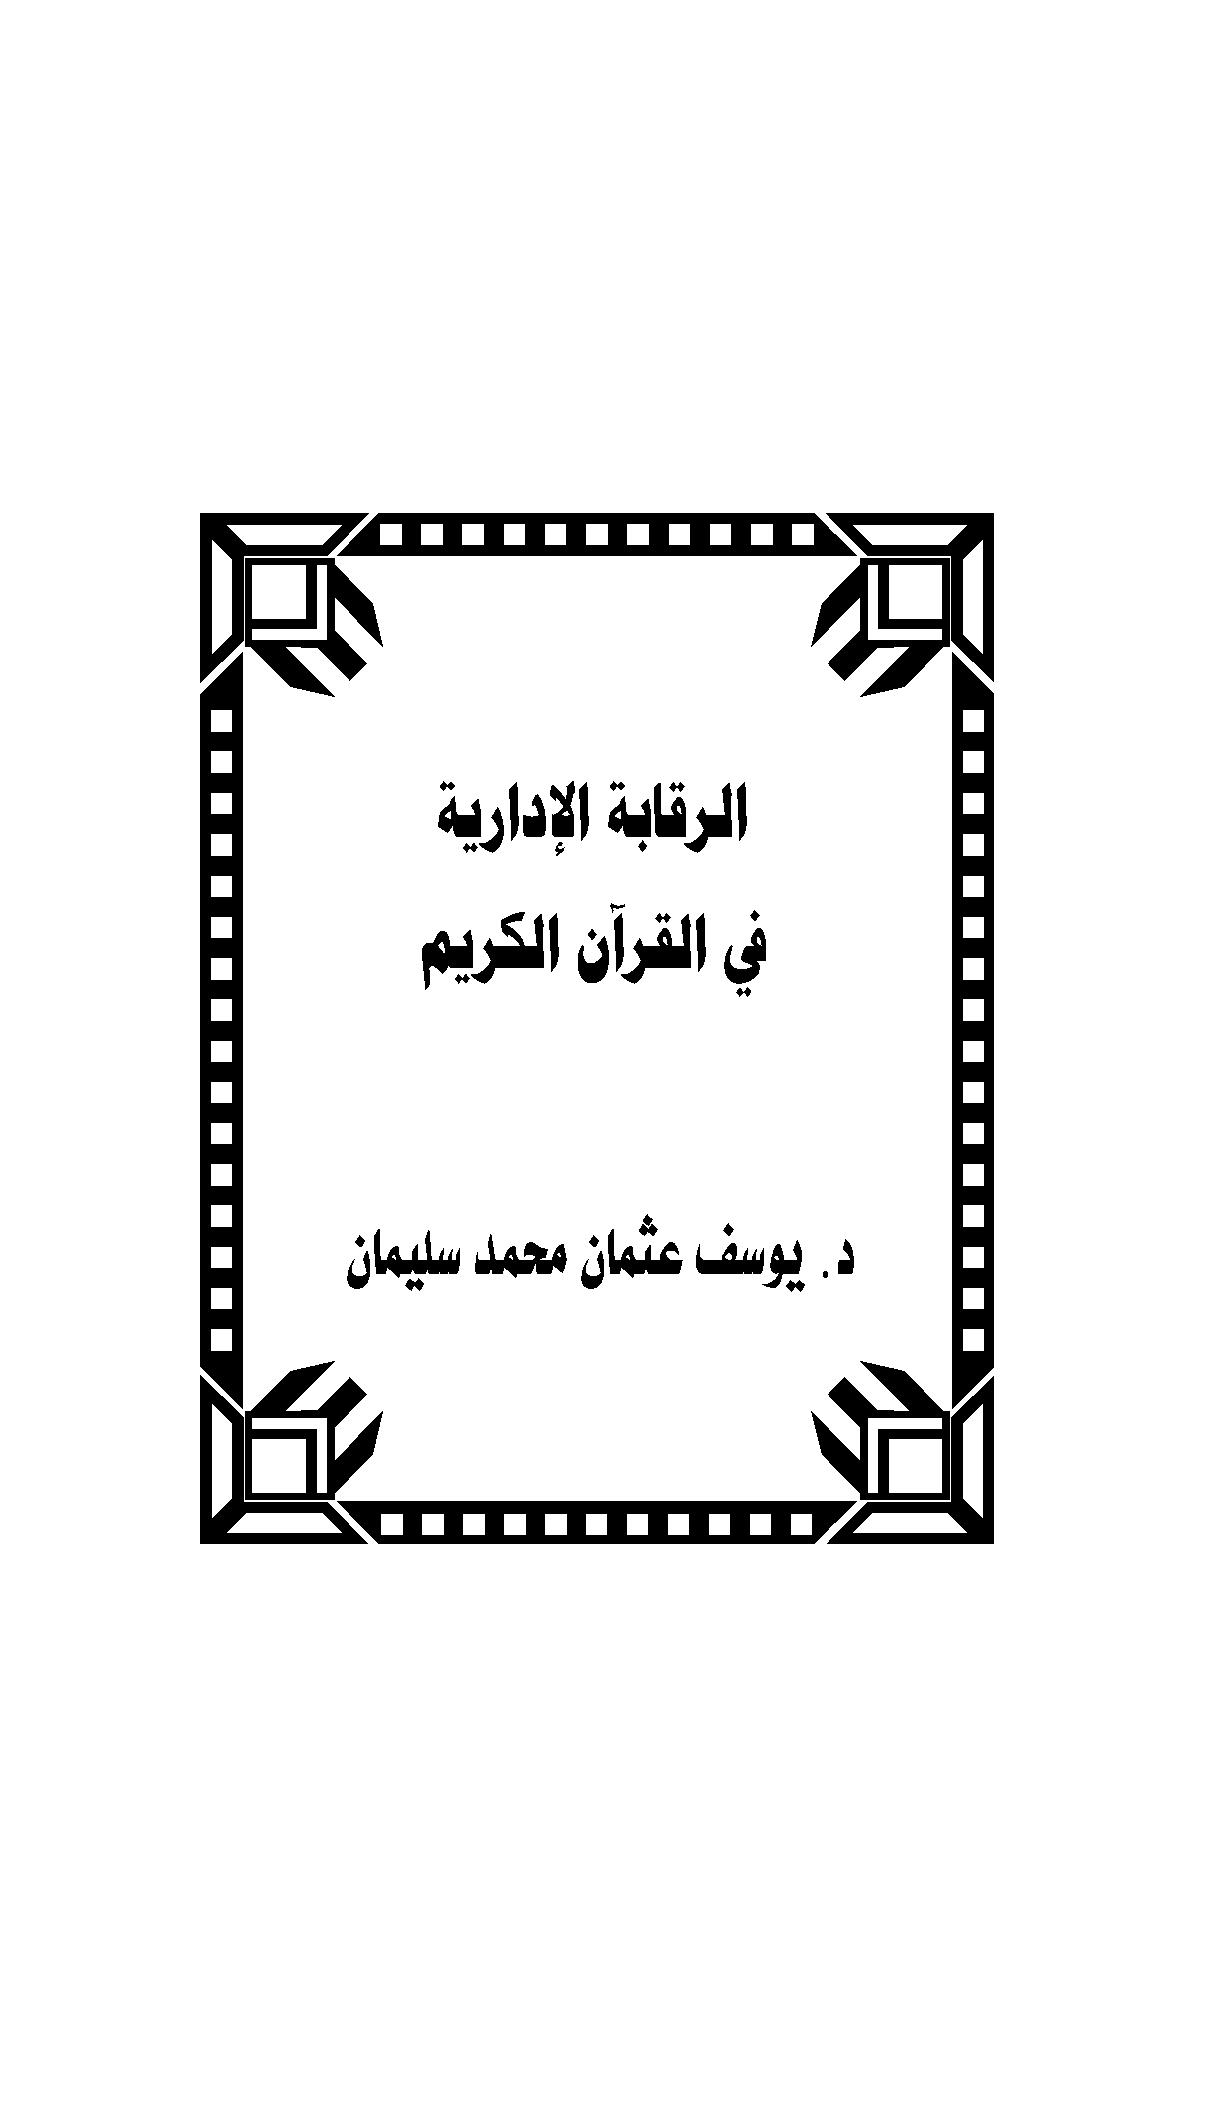 تحميل كتاب الرقابة الإدارية في القرآن الكريم لـِ: الدكتور يوسف عثمان محمد سليمان